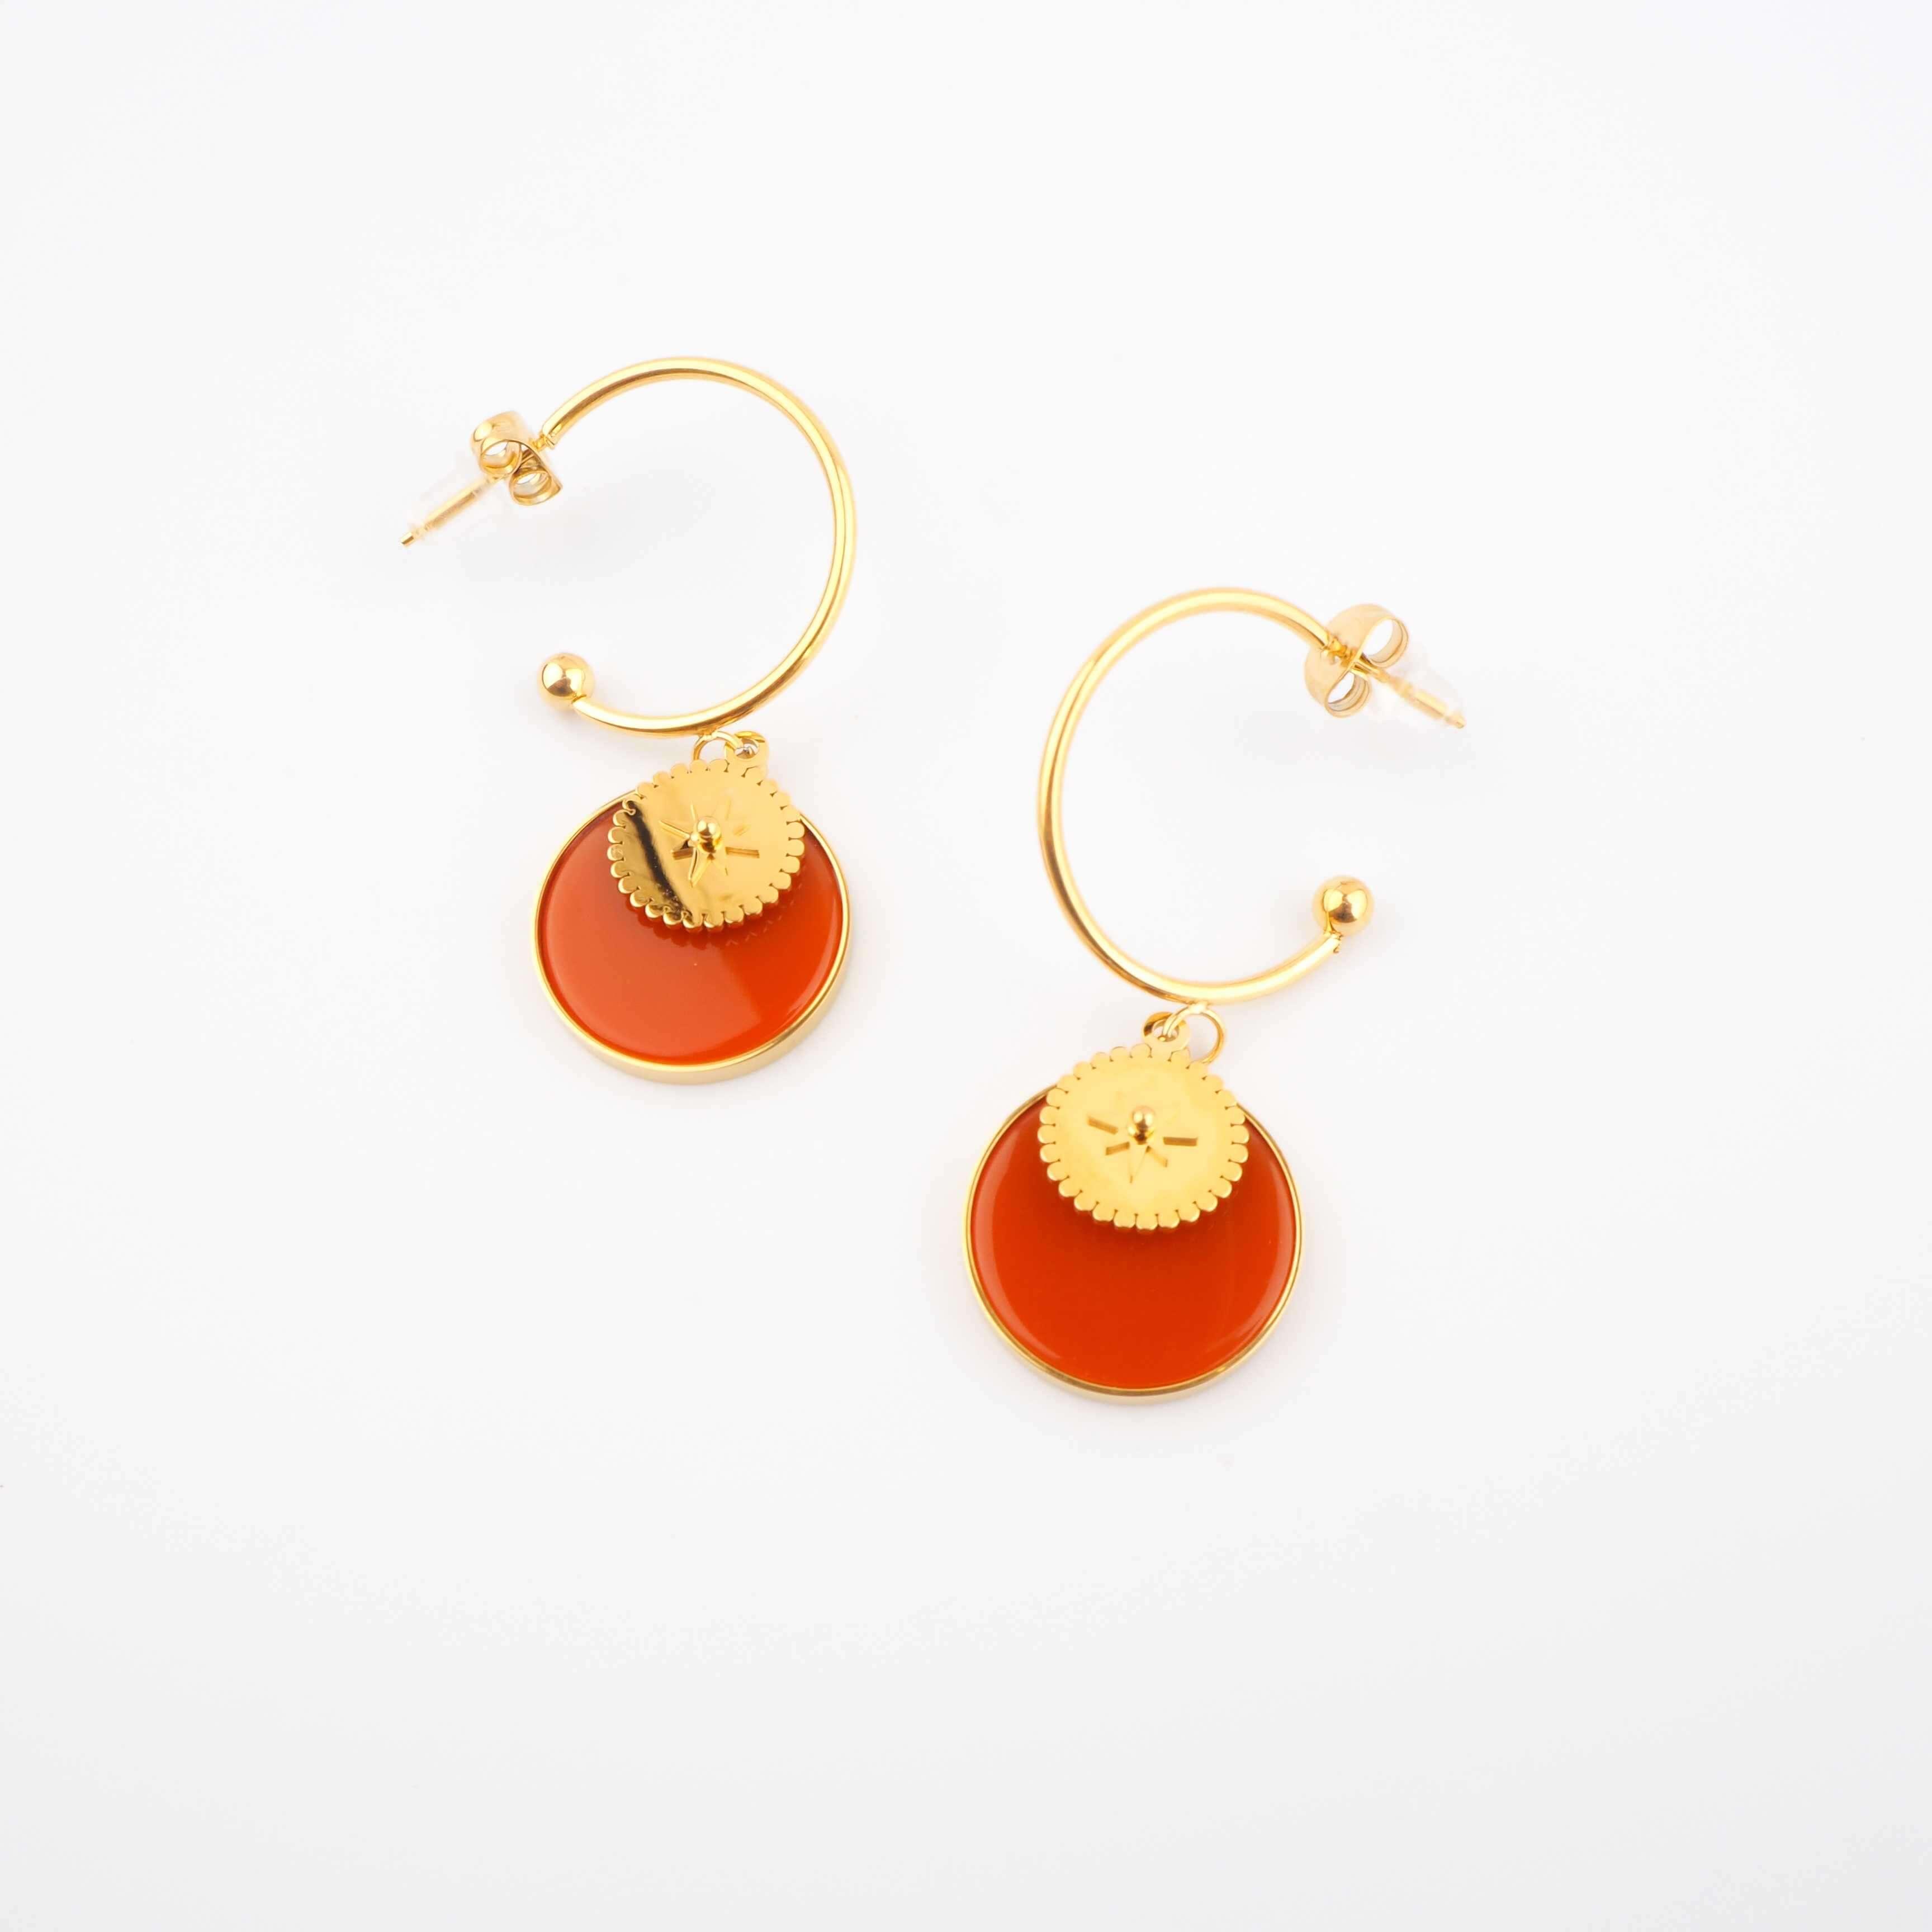 Boucles d'oreilles créoles Thaïs cornaline - Zag Bijoux